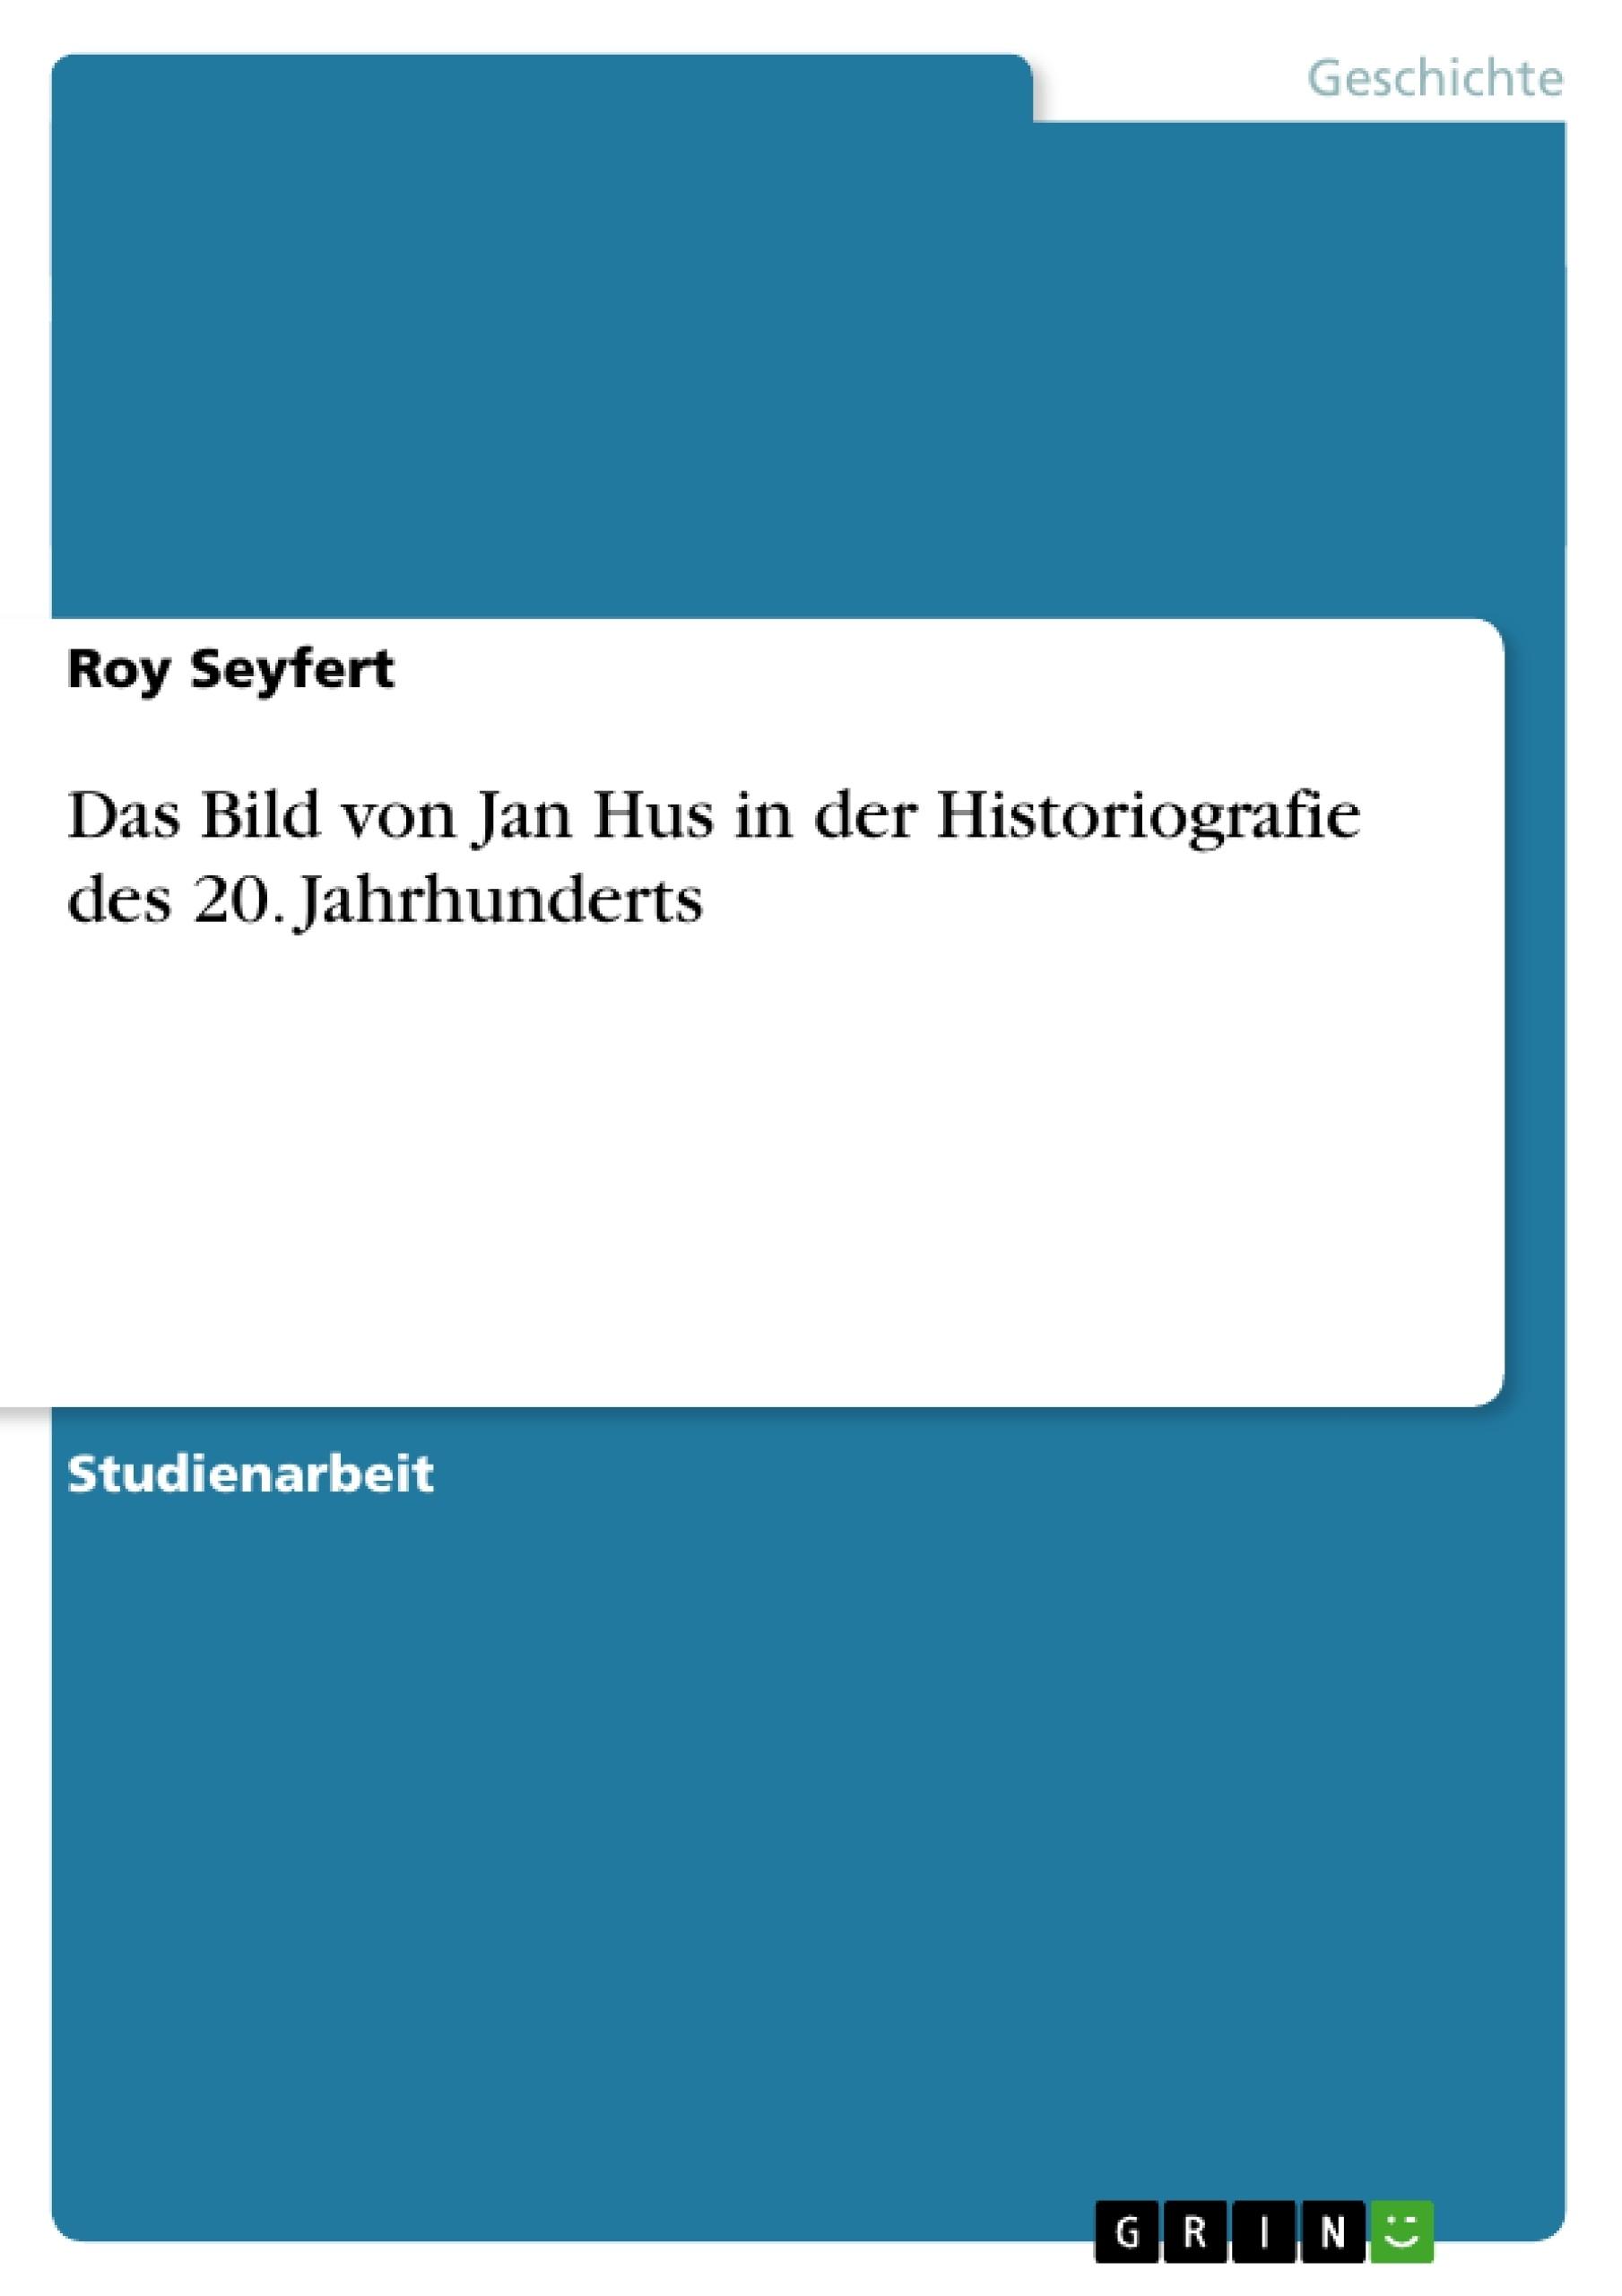 Titel: Das Bild von Jan Hus in der Historiografie des 20. Jahrhunderts